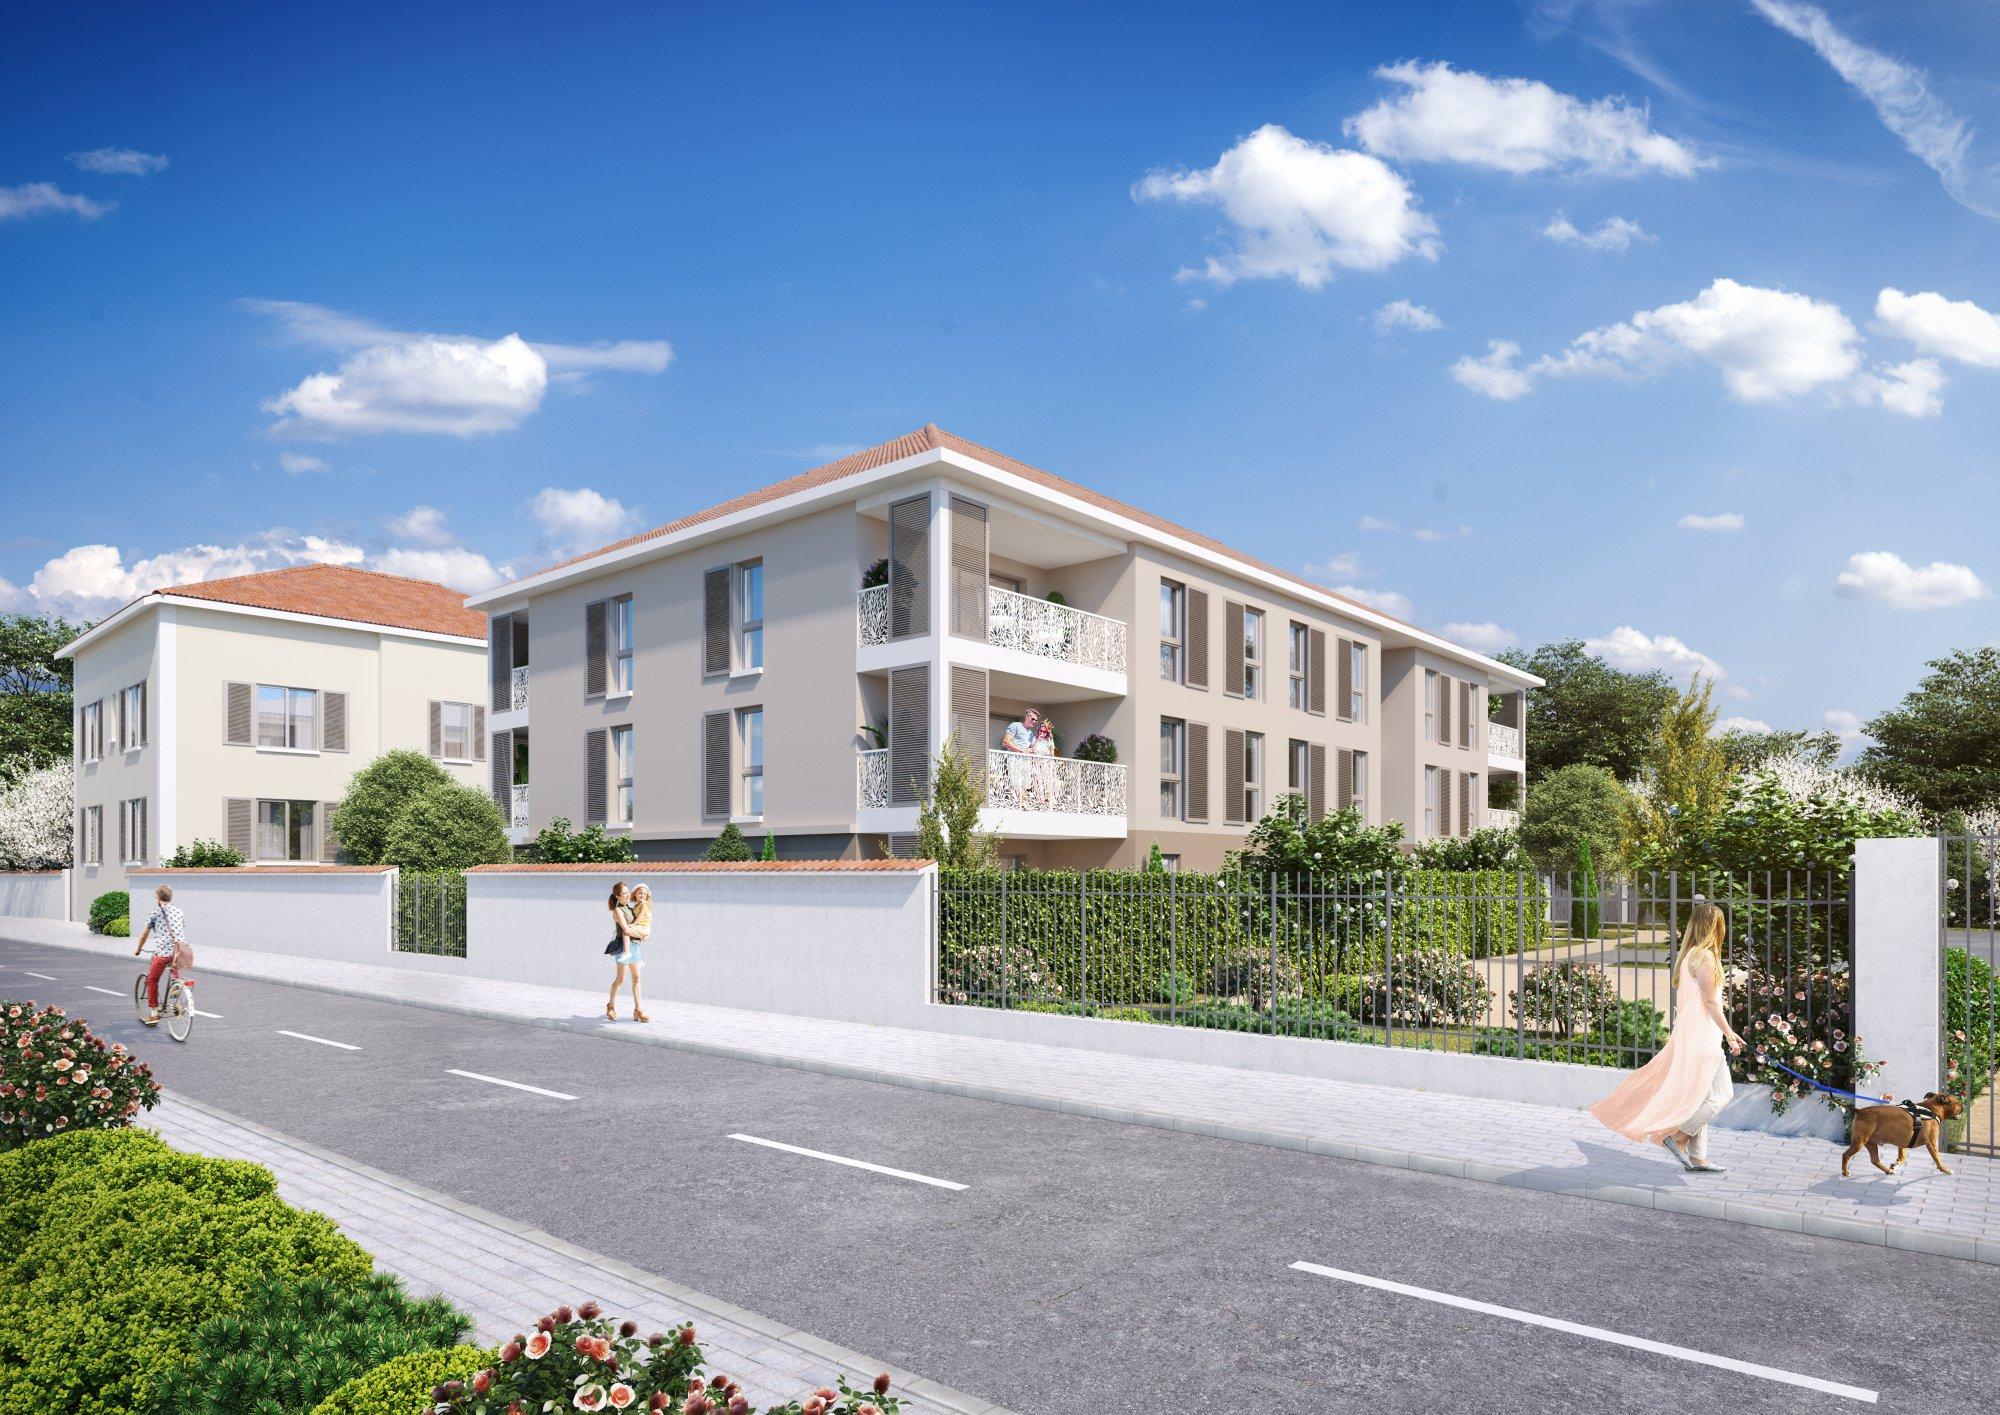 Programme immobilier EDO17 appartement à Miribel (01700) Dans le joli hameau du Mas Rillier